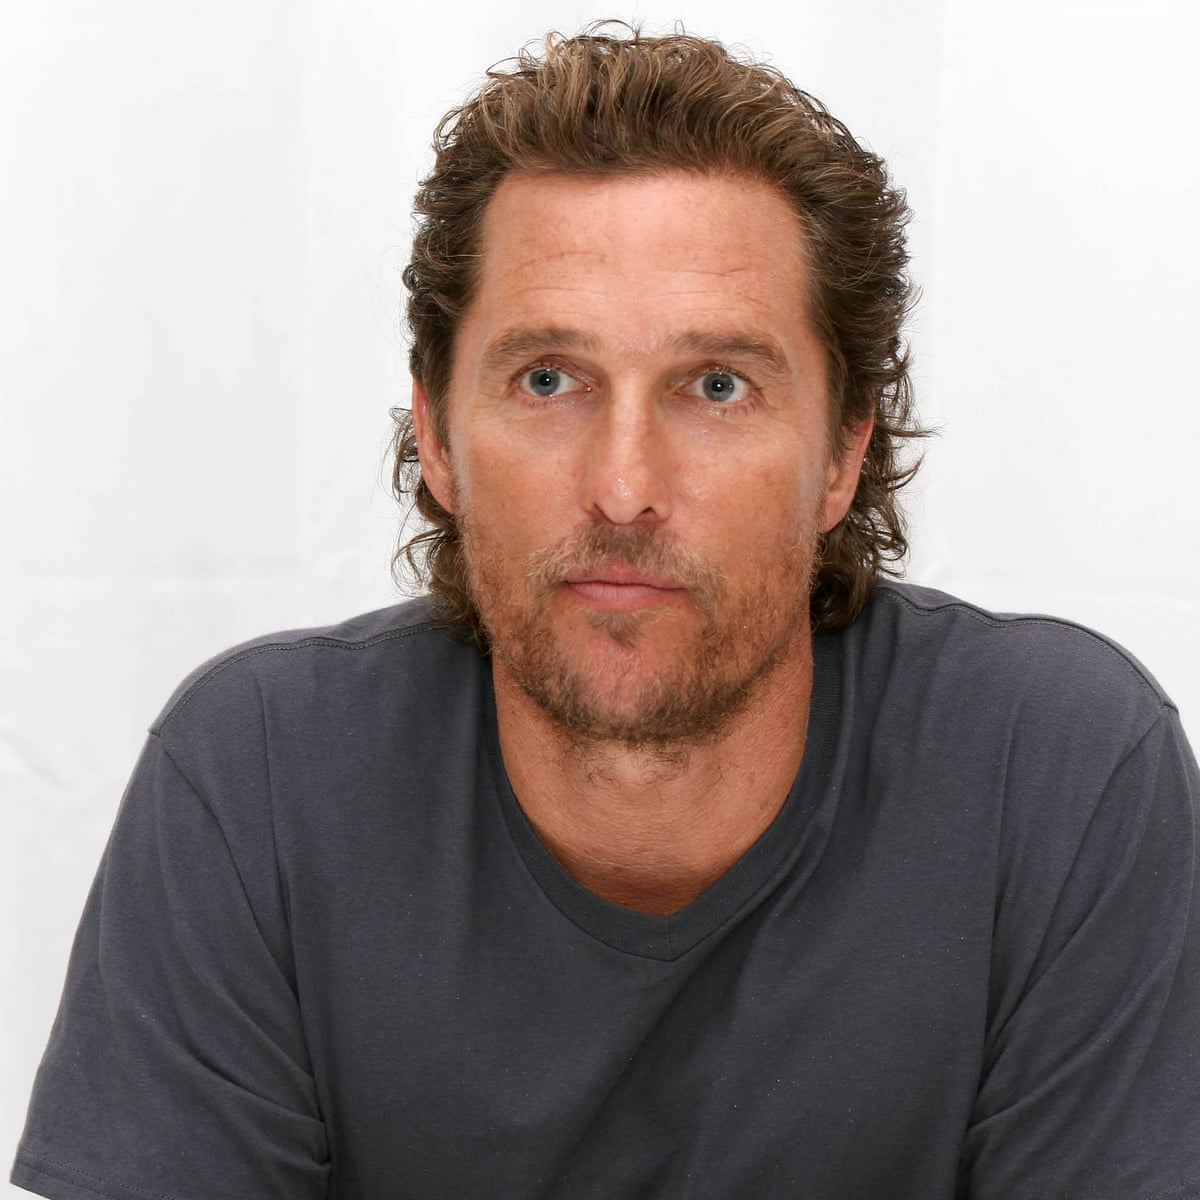 Failure to relaunch: Matthew McConaughey needs another McConaissance |  Matthew McConaughey